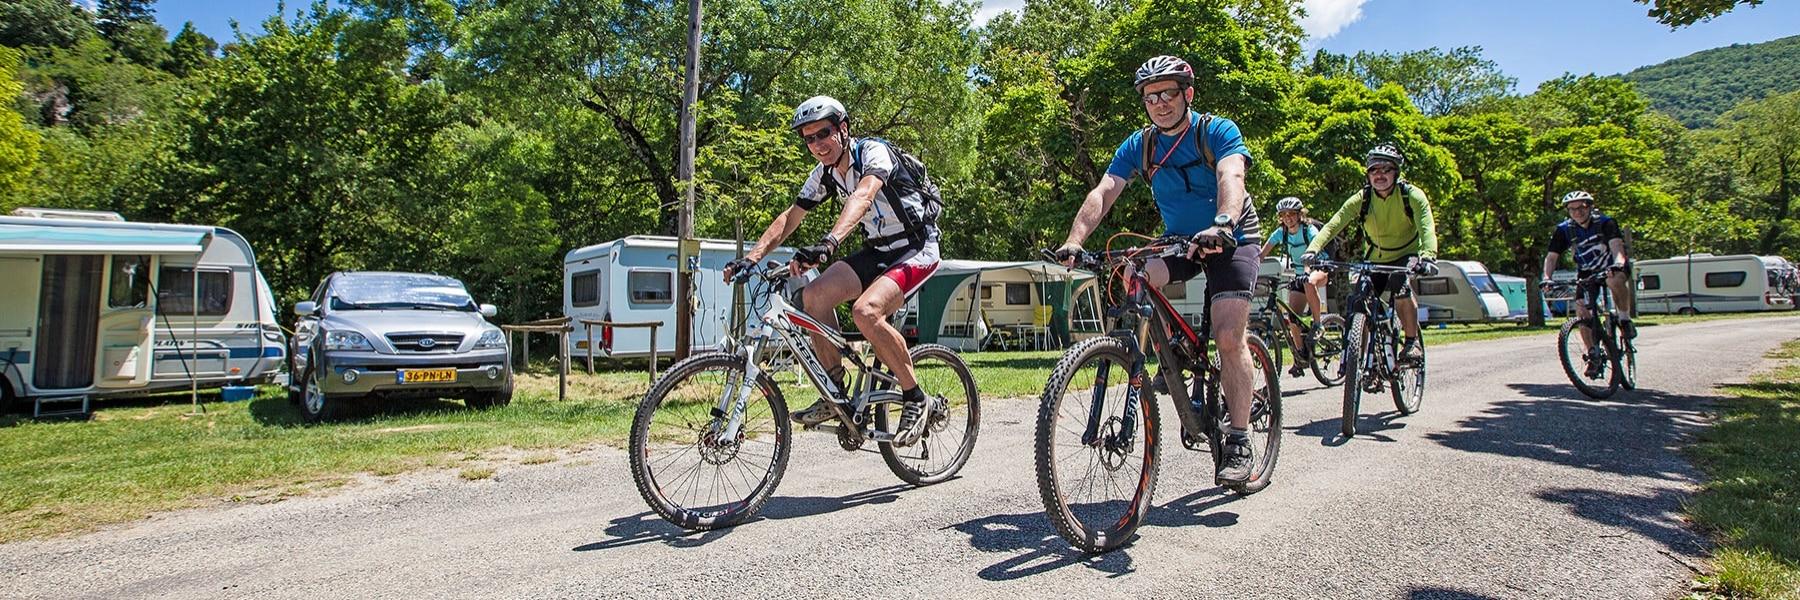 Clubs de cyclotourisme, de randonnée et de motards